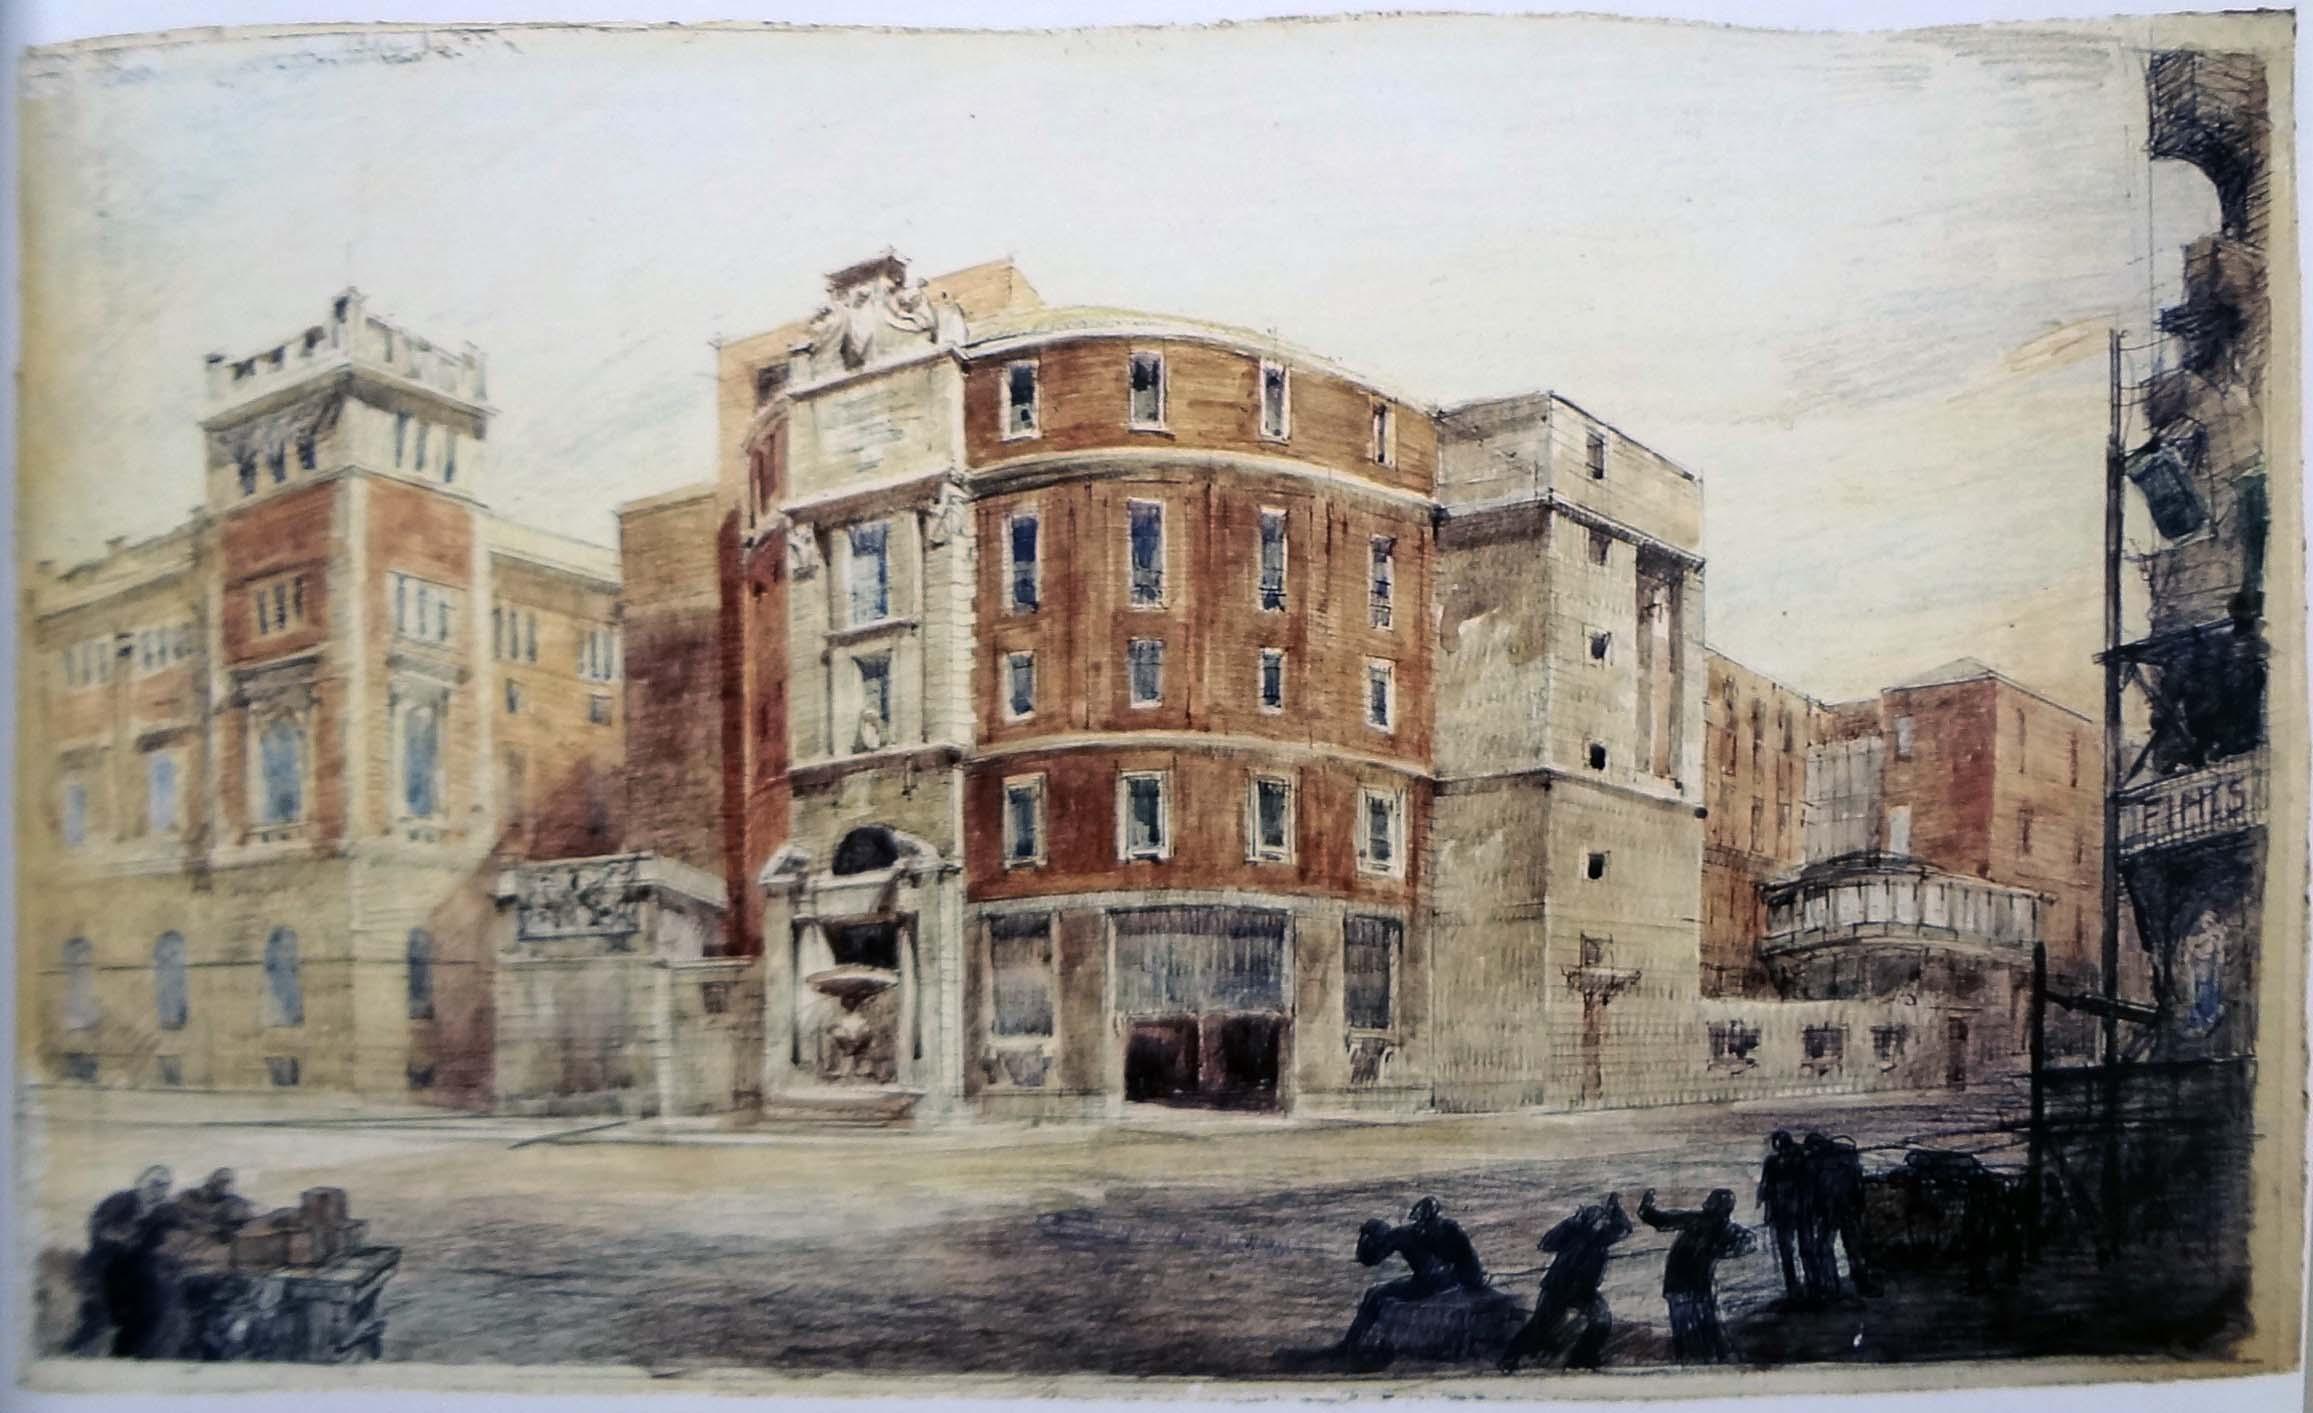 Chi e il mostro centro studi giorgio muratore for Carlo scarpa biografia